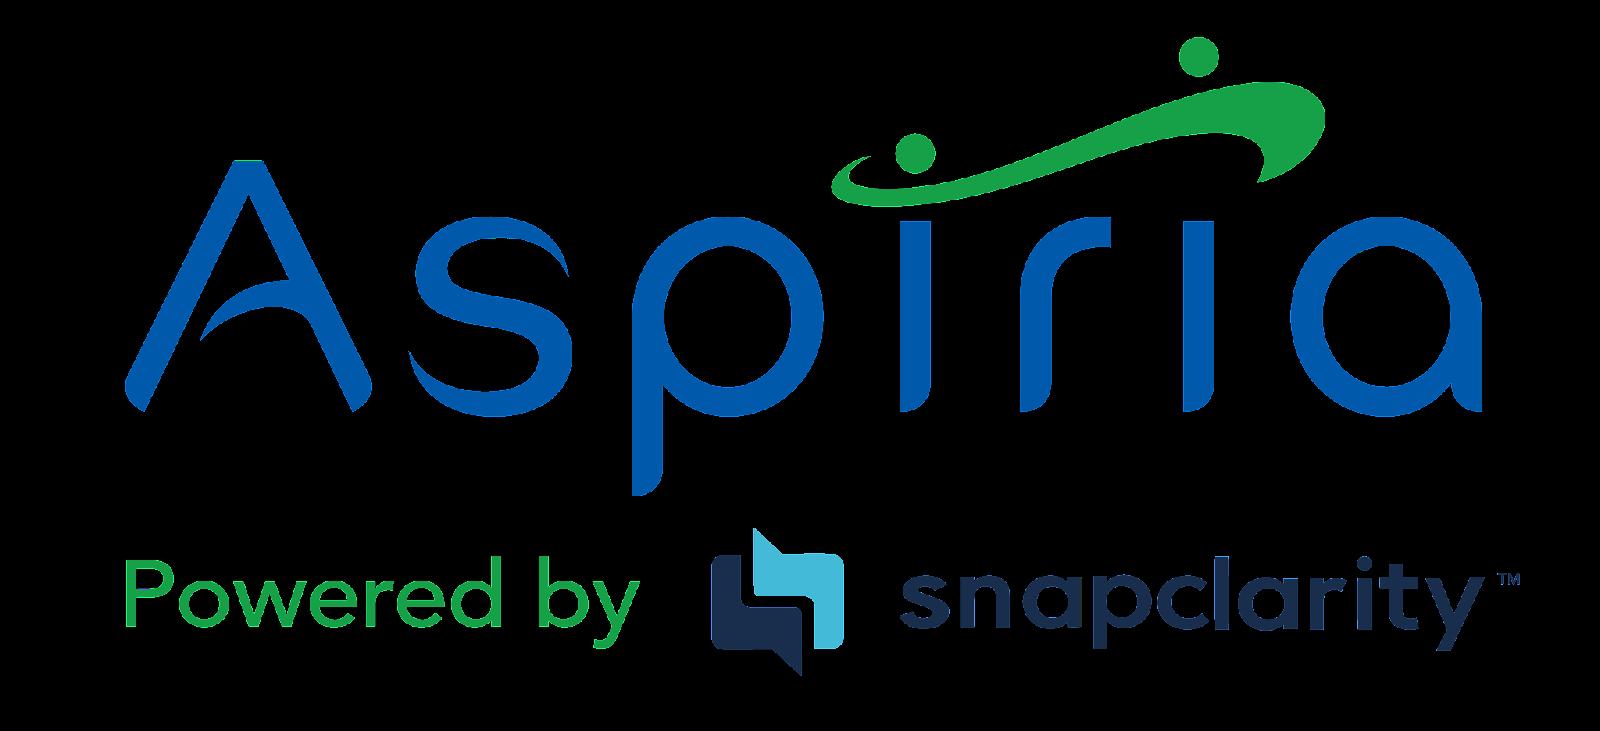 Aspiria